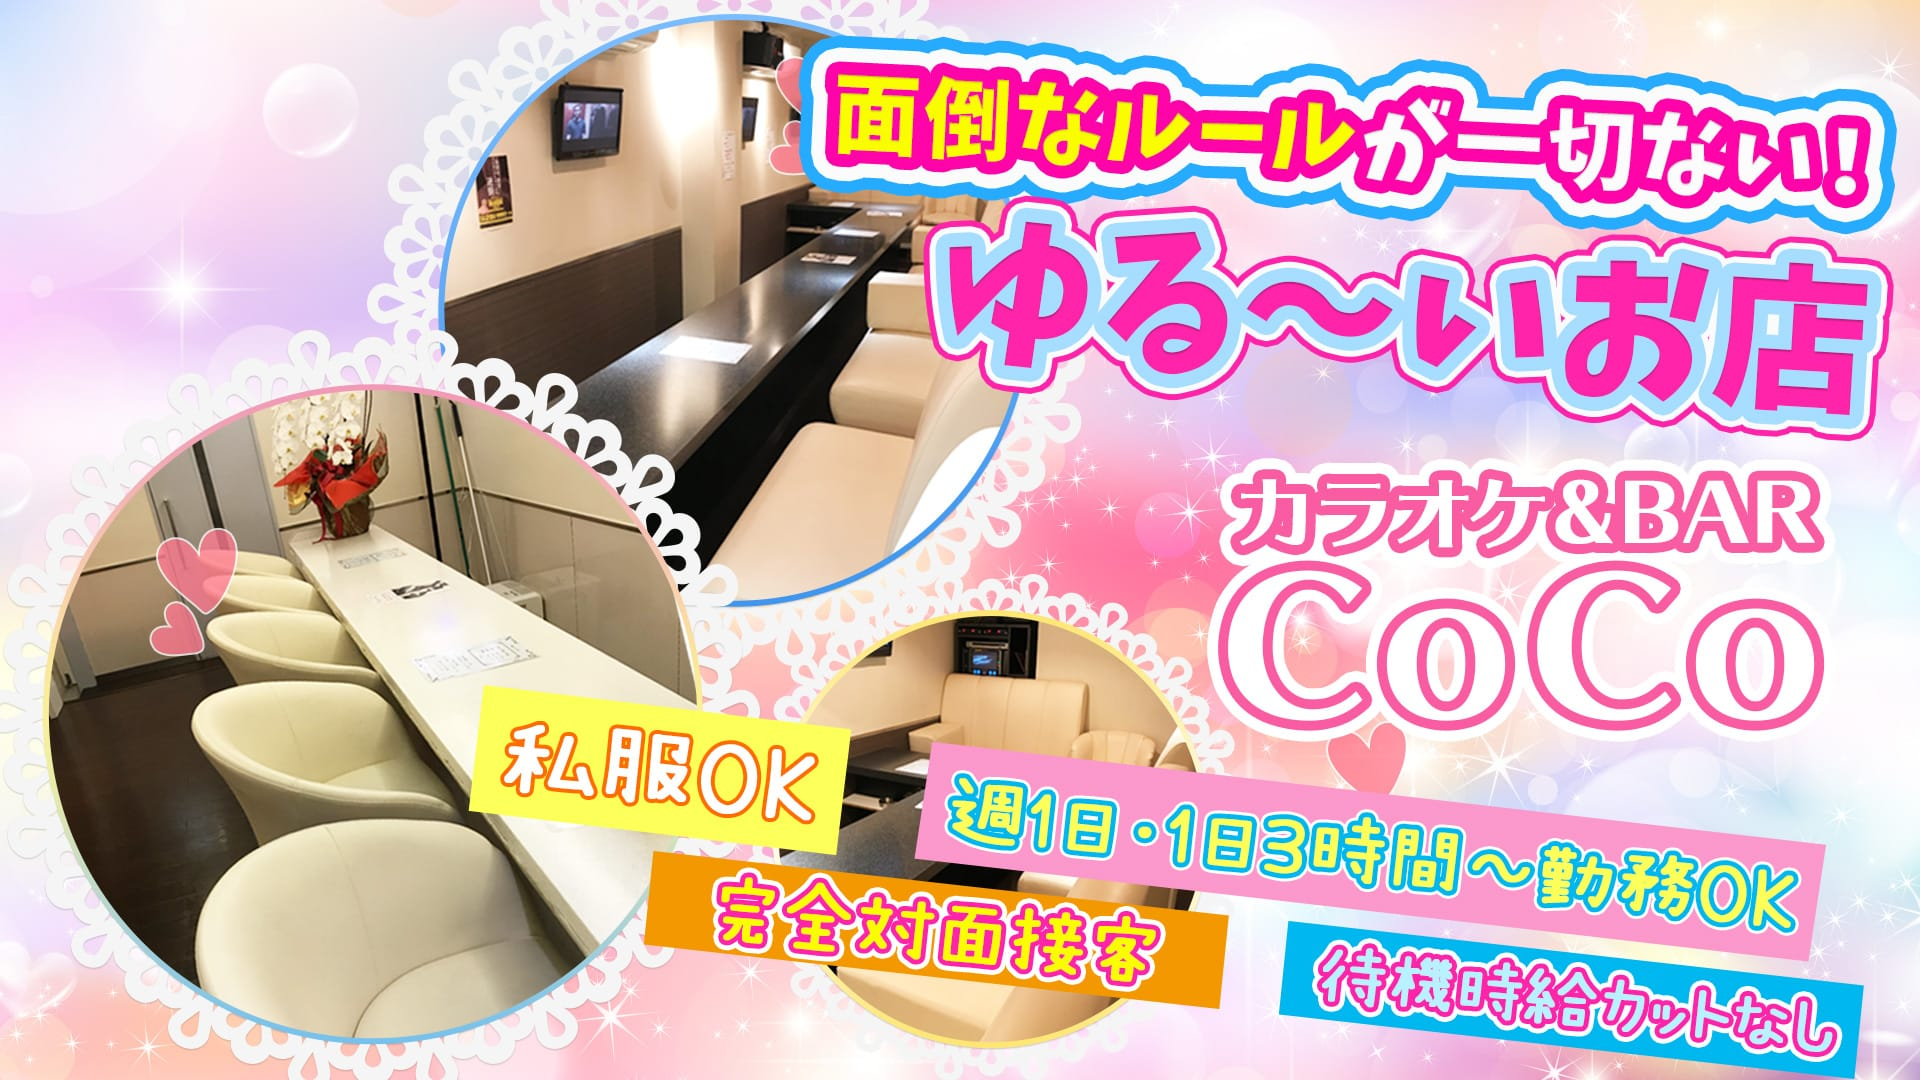 カラオケ&BAR CoCo(ココ) 東川口ガールズバー TOP画像